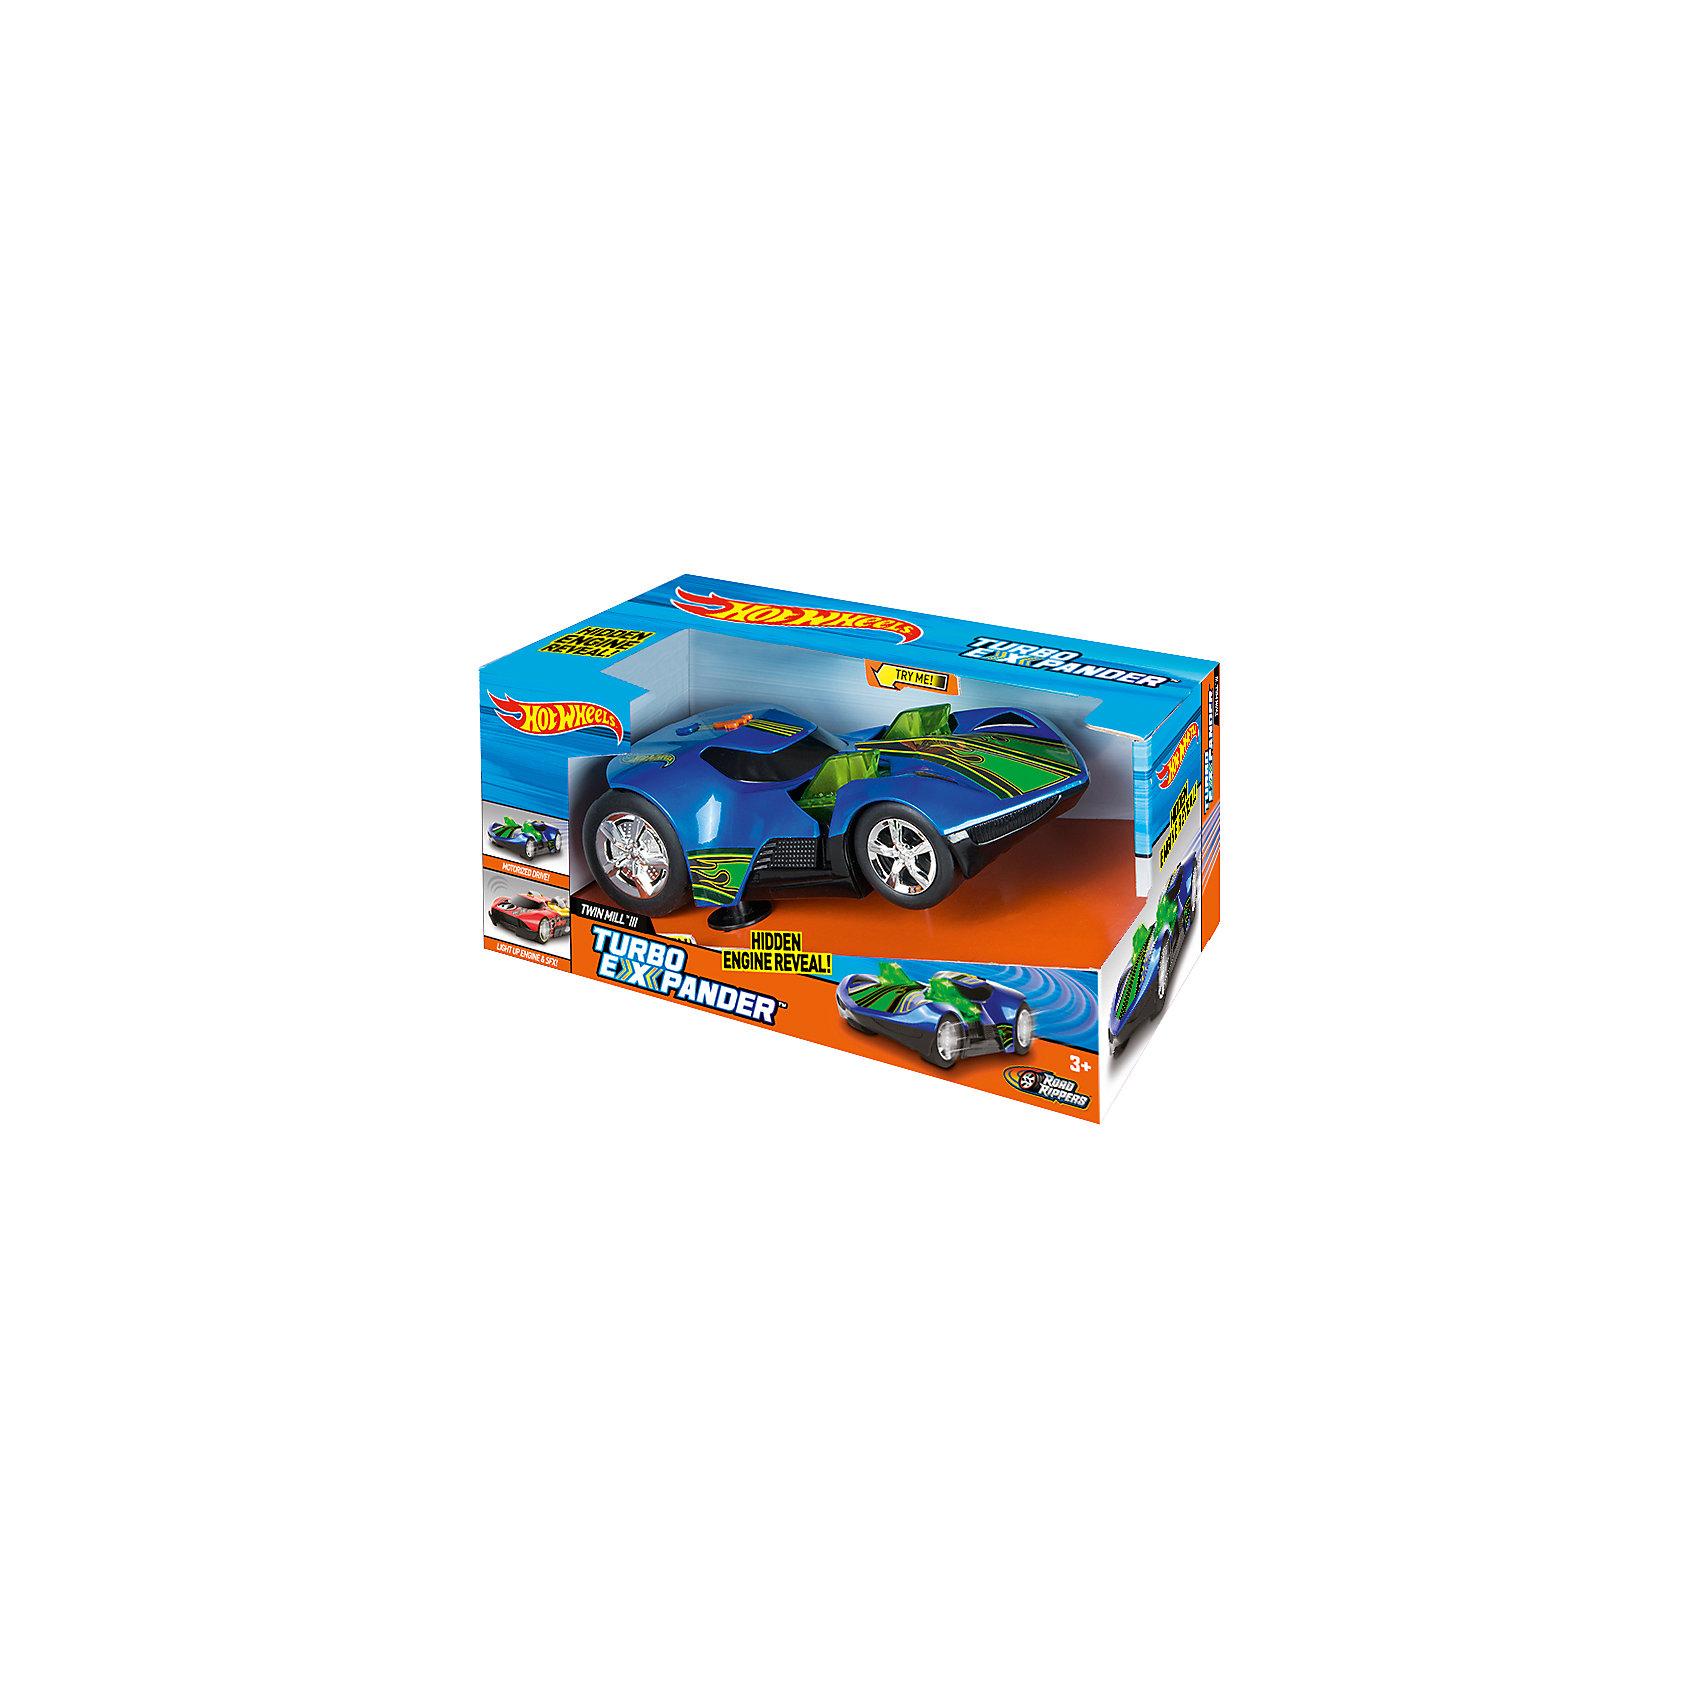 Машинка - Turbo Expander (свет, звук), синяя, 33 см, Hot WheelsМашинки<br>Характеристики товара:<br><br>- цвет: синий;<br>- материал: пластик, металл;<br>- особенности: со световыми и звуковыми эффектами;<br>- вес: 500 г;<br>- батарейки 3хААА;<br>- размер упаковки: 30х17х19;<br>- размер машинки: 33 см.<br><br>Какой мальчишка откажется поиграть с коллекционной машинкой Hot Wheels, которая выглядит как настоящая?! Машинка очень эффектно смотрится, она дополнена световыми, звуковыми эффектами и электроприводом. Игрушка отлично детализирована, очень качественно выполнена, поэтому она станет отличным подарком ребенку. Продается в красивой упаковке.<br>Изделия произведены из высококачественного материала, безопасного для детей.<br><br>Электромеханическую машинку Hot Wheels можно купить в нашем интернет-магазине.<br><br>Ширина мм: 360<br>Глубина мм: 170<br>Высота мм: 190<br>Вес г: 512<br>Возраст от месяцев: 36<br>Возраст до месяцев: 2147483647<br>Пол: Мужской<br>Возраст: Детский<br>SKU: 5066727